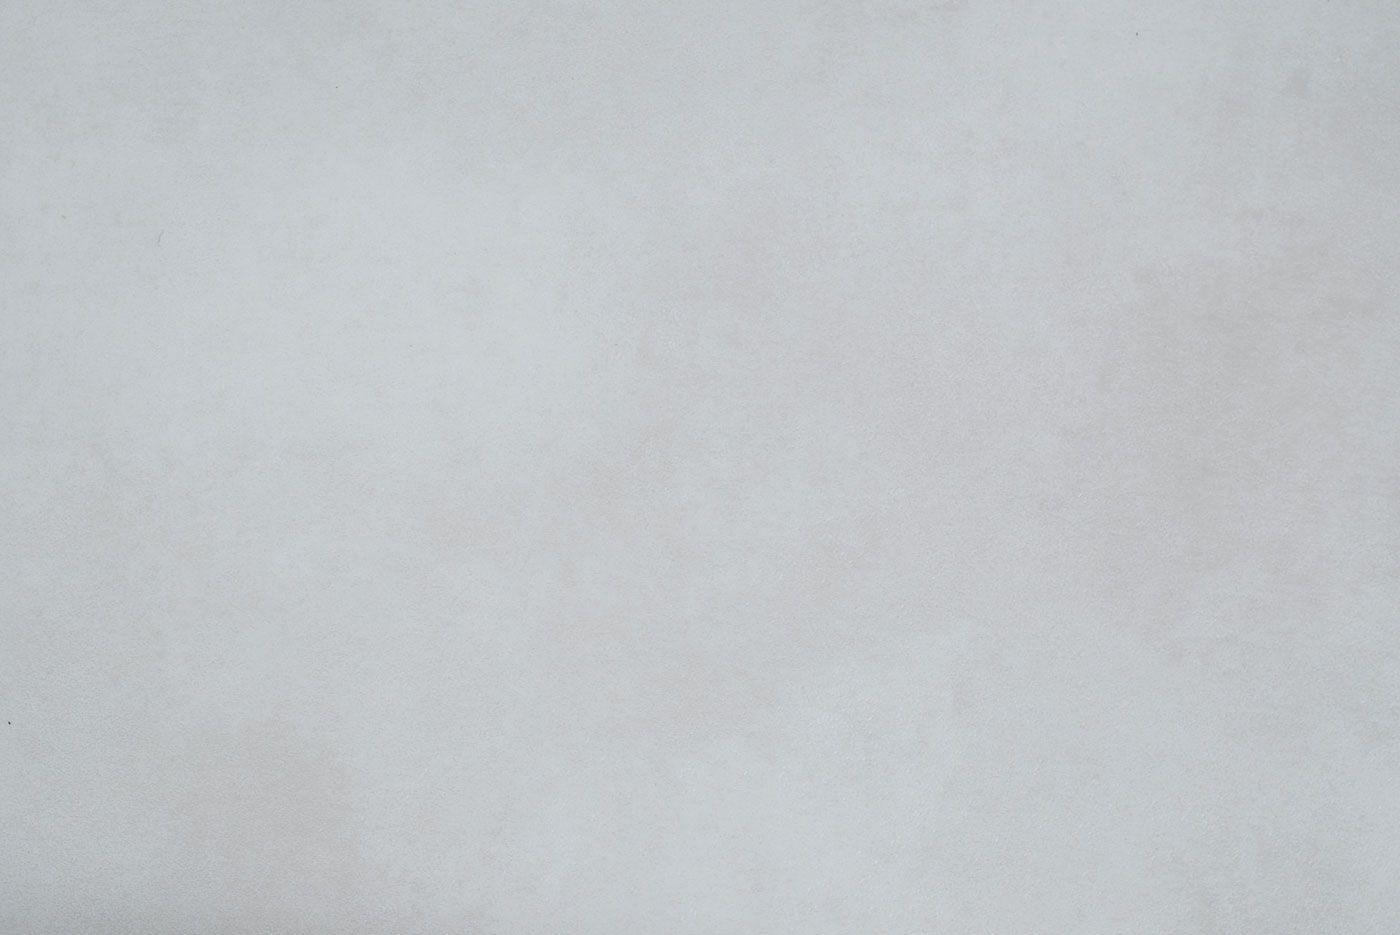 Floer tegel pvc vloeren kalksteen grijswit duurzaam en sterk pvc